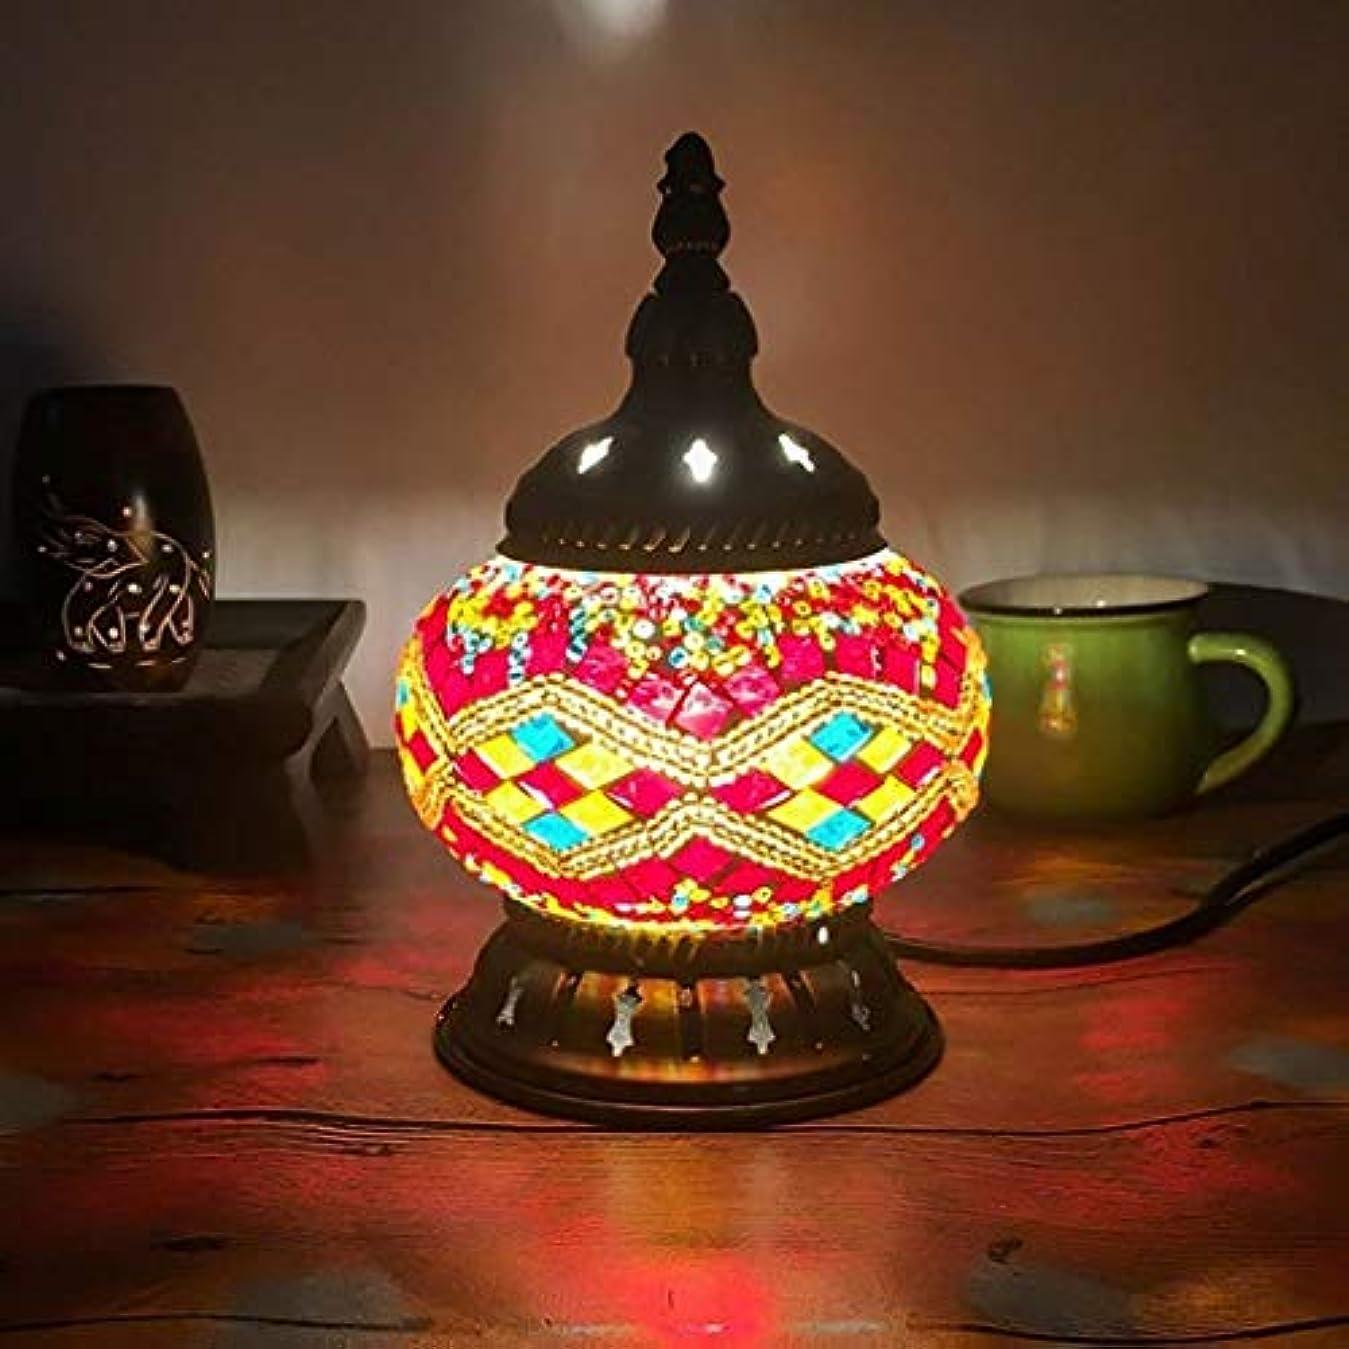 散歩足音散歩シロス トルコのテーブルランプ、レトロな金属ディスプレイランプ屋内照明ムードランプレストランバー寝室リビングルーム (Color : C)